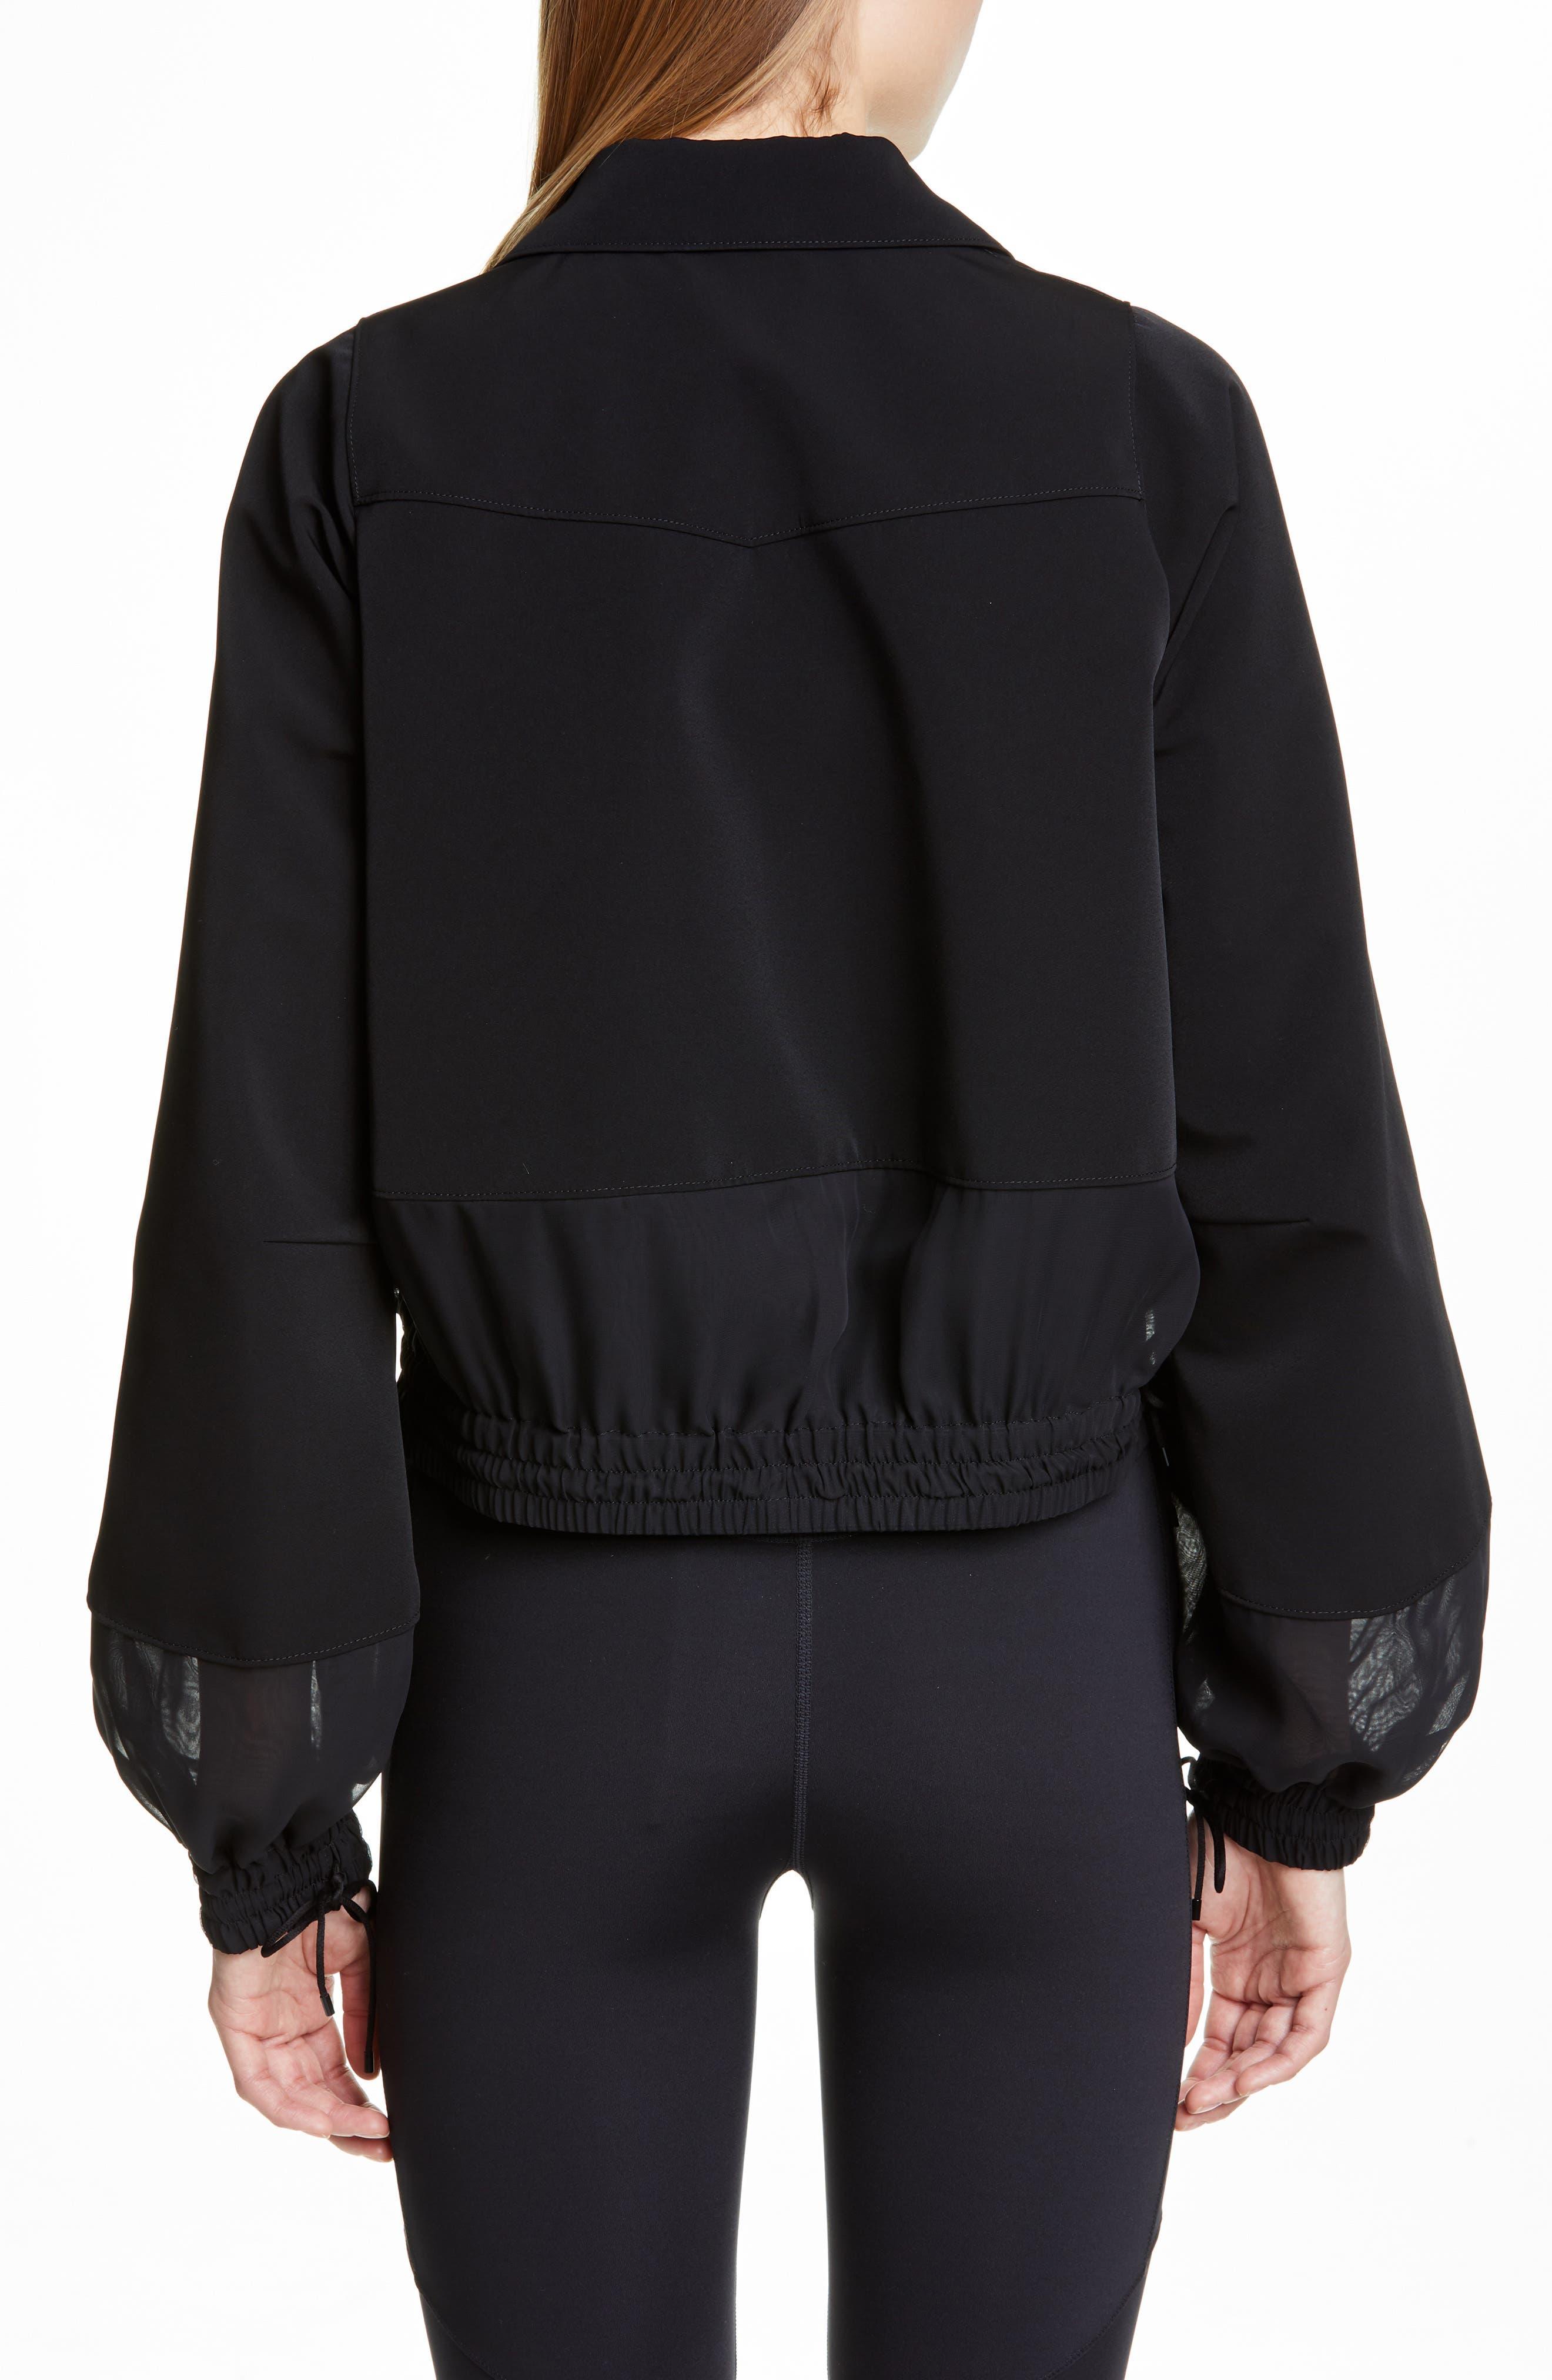 NOIR KEI NINOMIYA, Sheer Panel Moto Jacket, Alternate thumbnail 2, color, BLACK